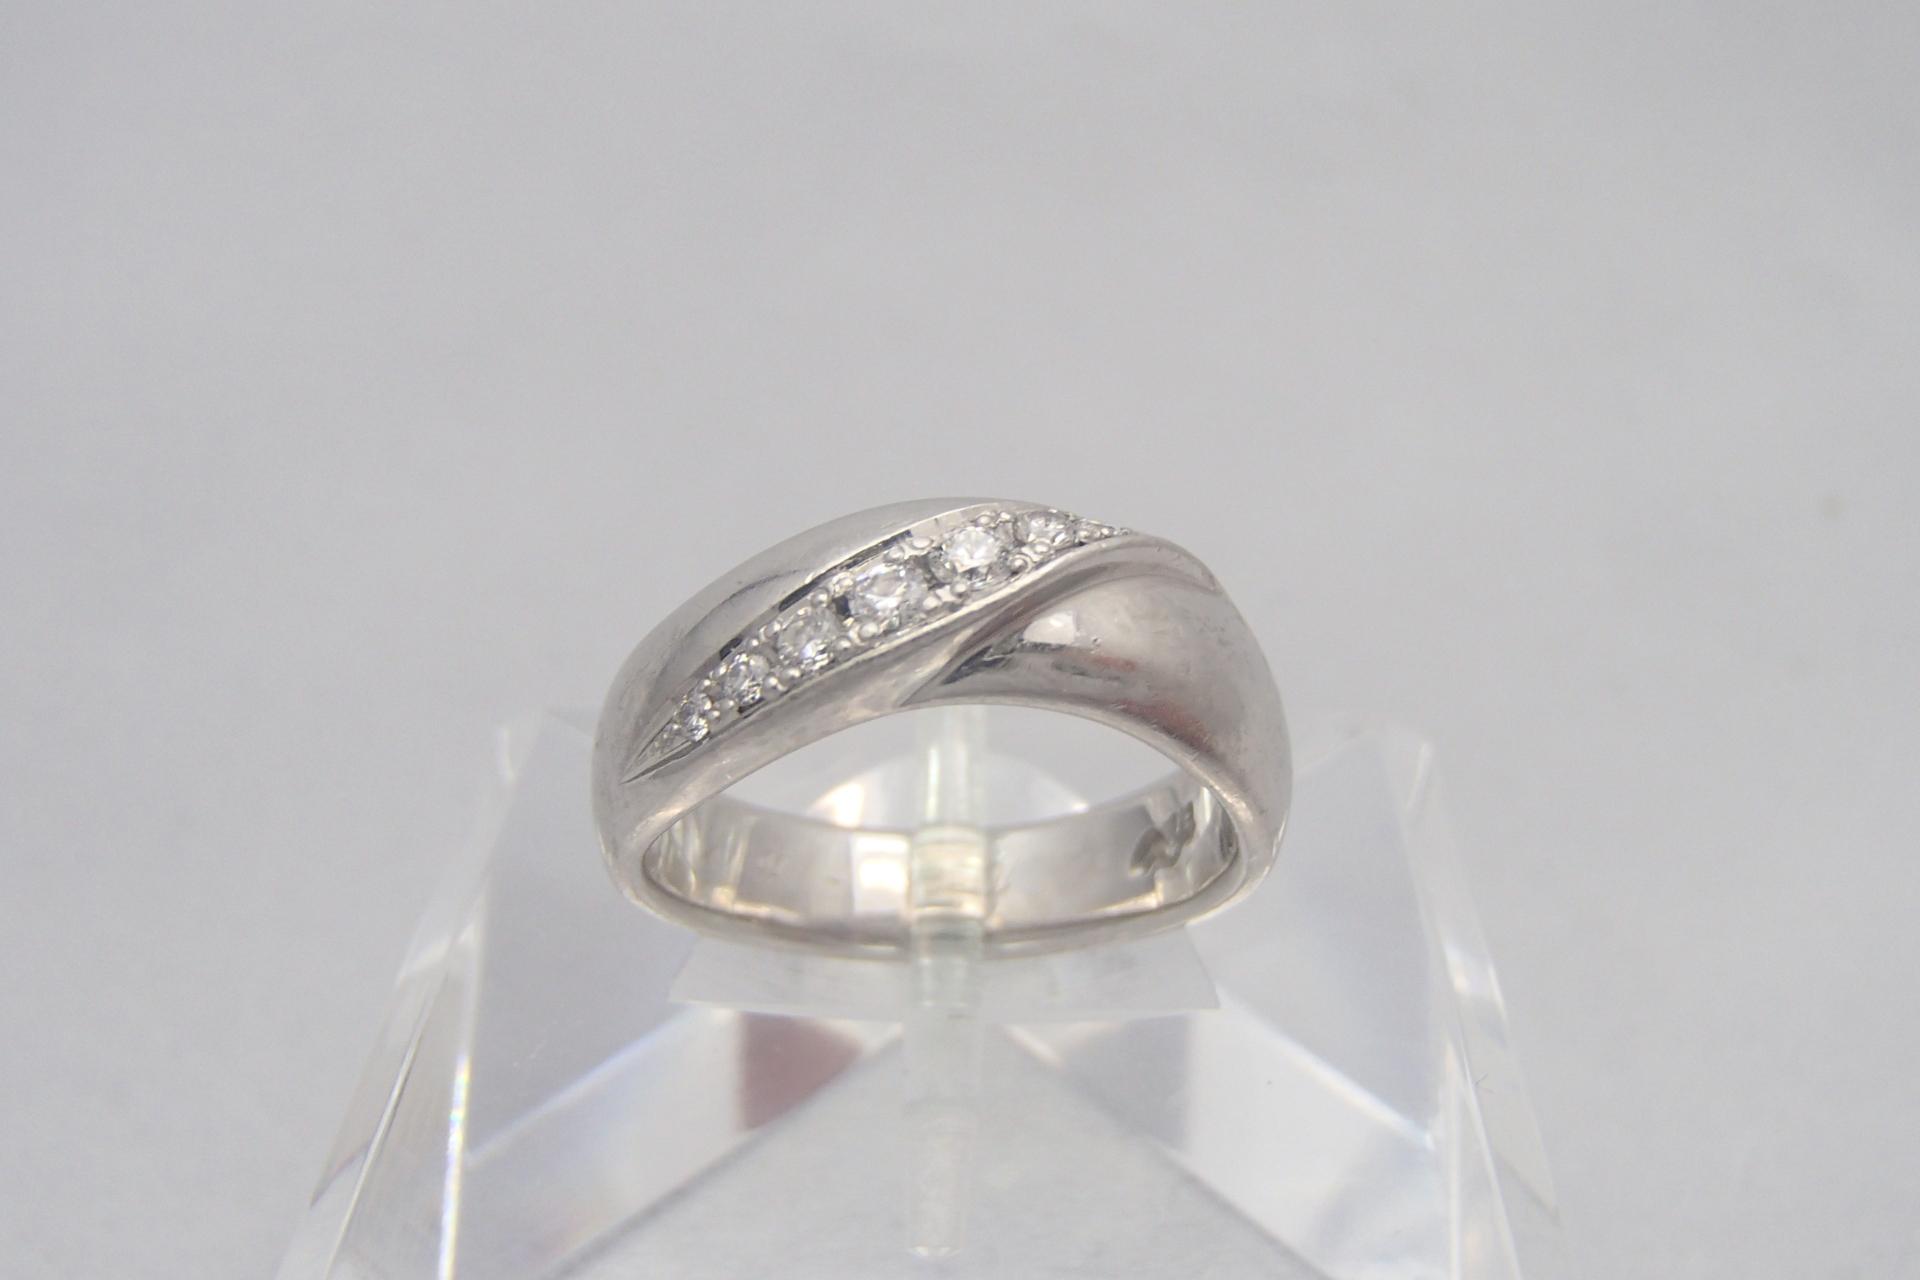 ダイヤの大きさはカラットで決まる?一生の宝物にしたいダイヤモンドとは?